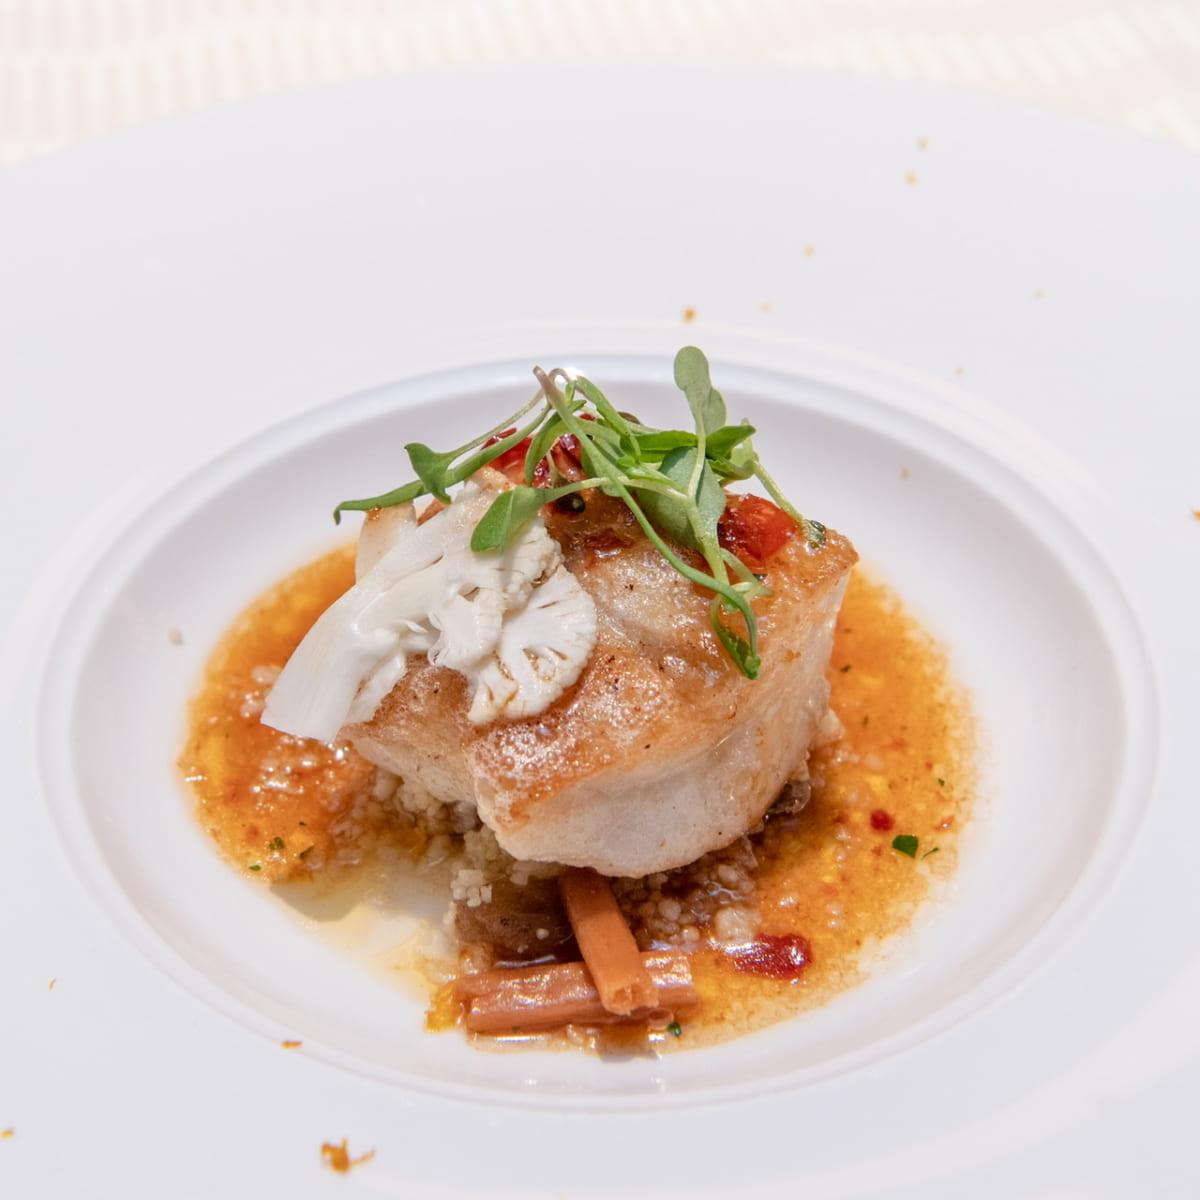 鰈のムニエル 柚子風味のグルノーブルソース カリフラワーとクスクスのサラダを添えて